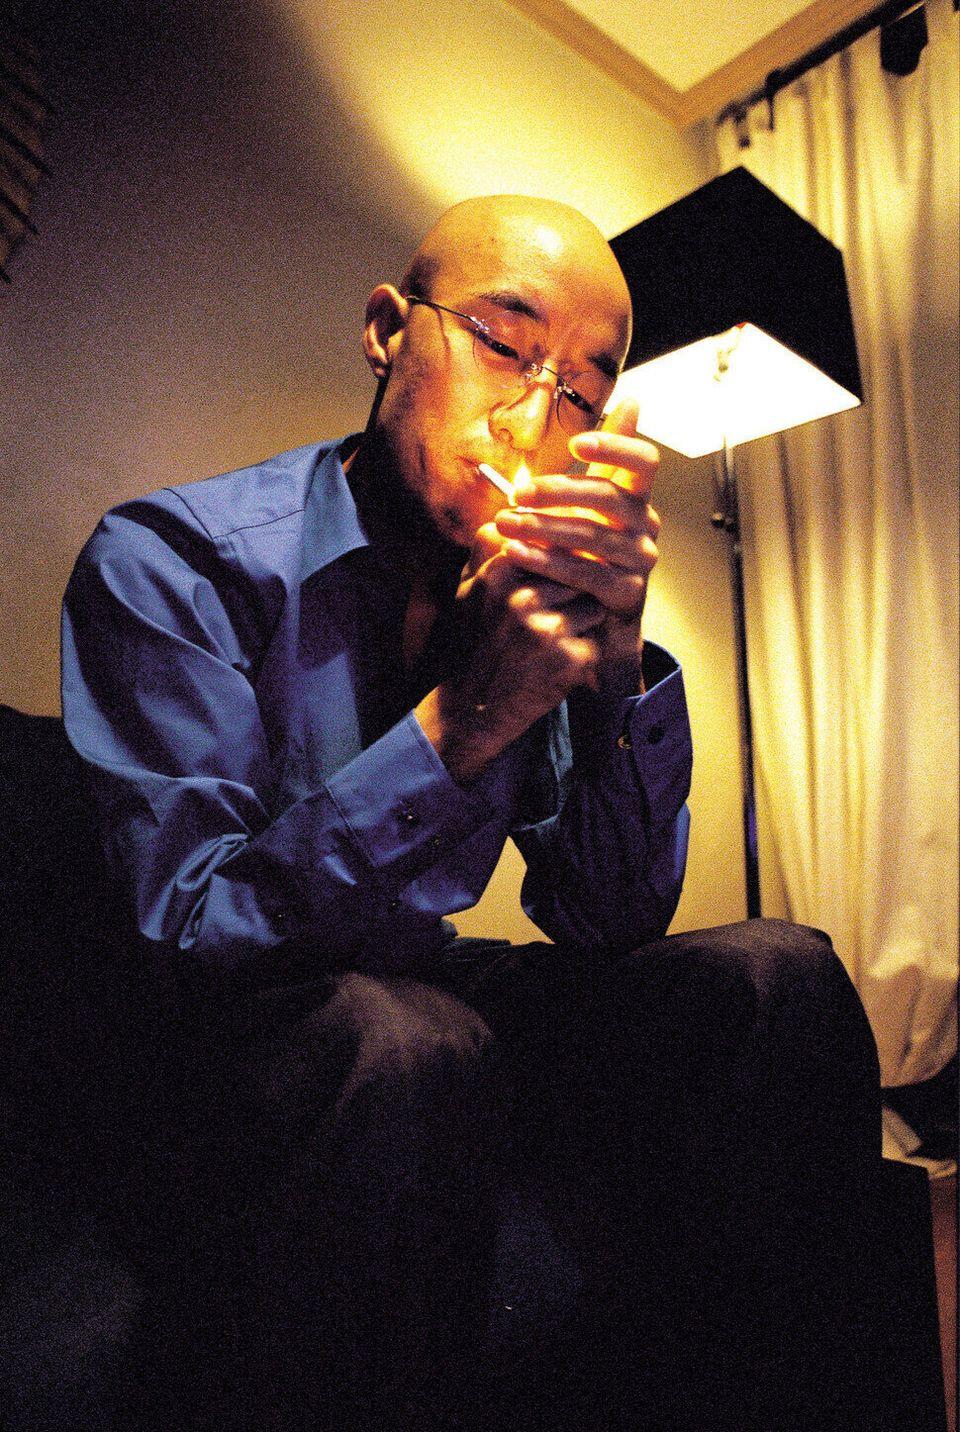 2000년 9월29일, 홍석천이 자택에서 담뱃불을 붙이고 있다. 국내 연예인 최초로 커밍아웃을 하고 난 뒤 인터뷰를 하던 중이었다. 얼굴에 그동안 겪은 심적인 고통이 묻어났다. 예측할...